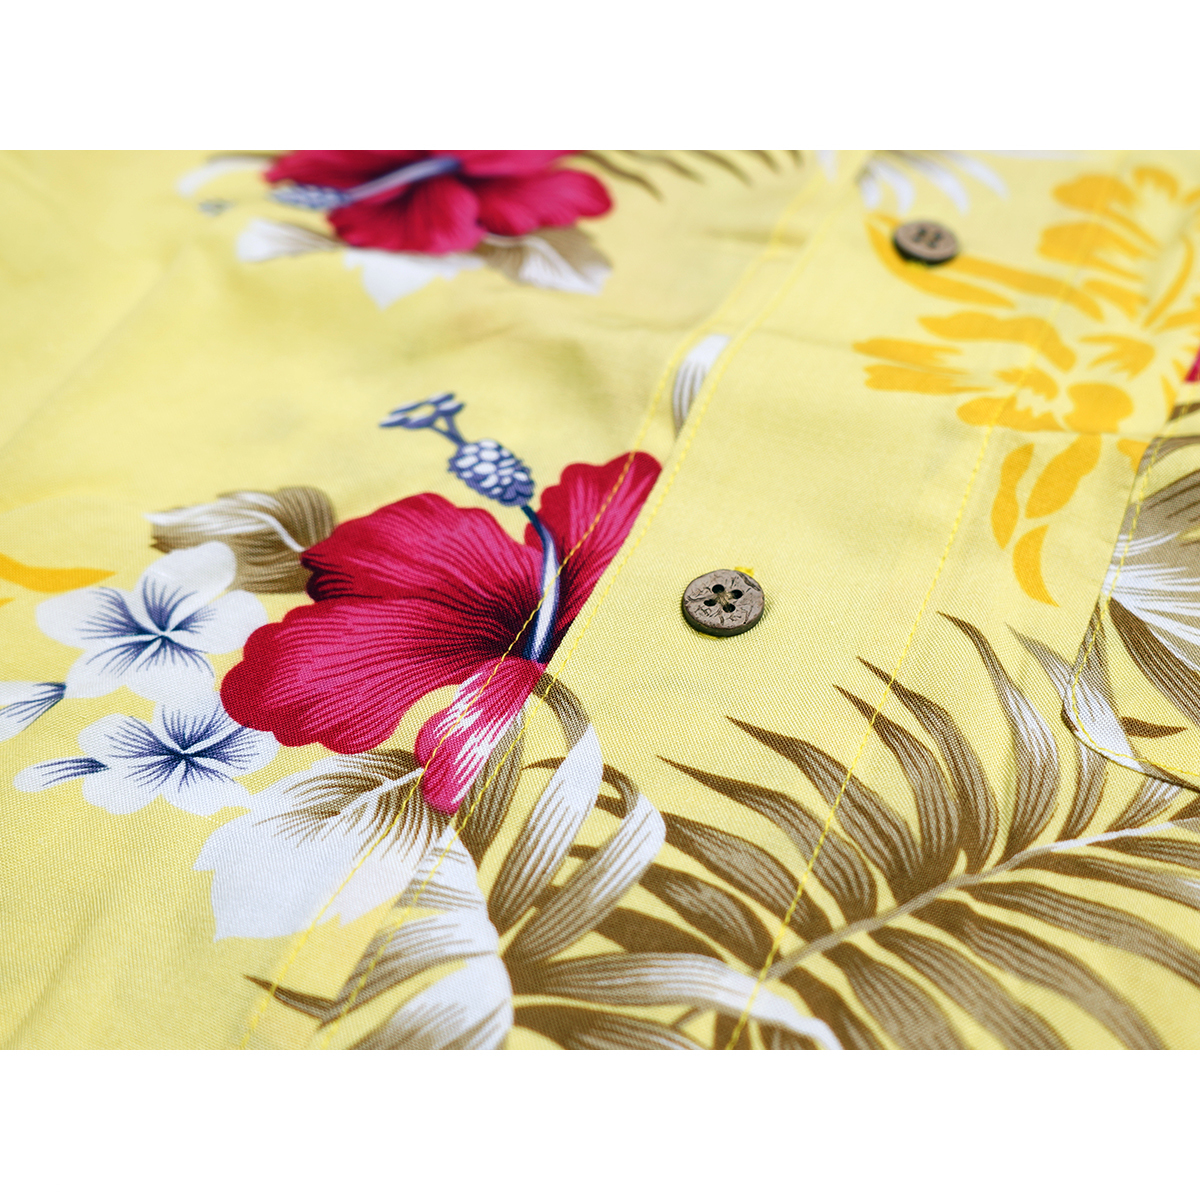 【新品】 アロハシャツ レーヨン フラワー柄■ 5Lサイズ(4XL) / イエロー黄29 ■大きいサイズ ボタニカル 花 オープンカラー b008_画像6